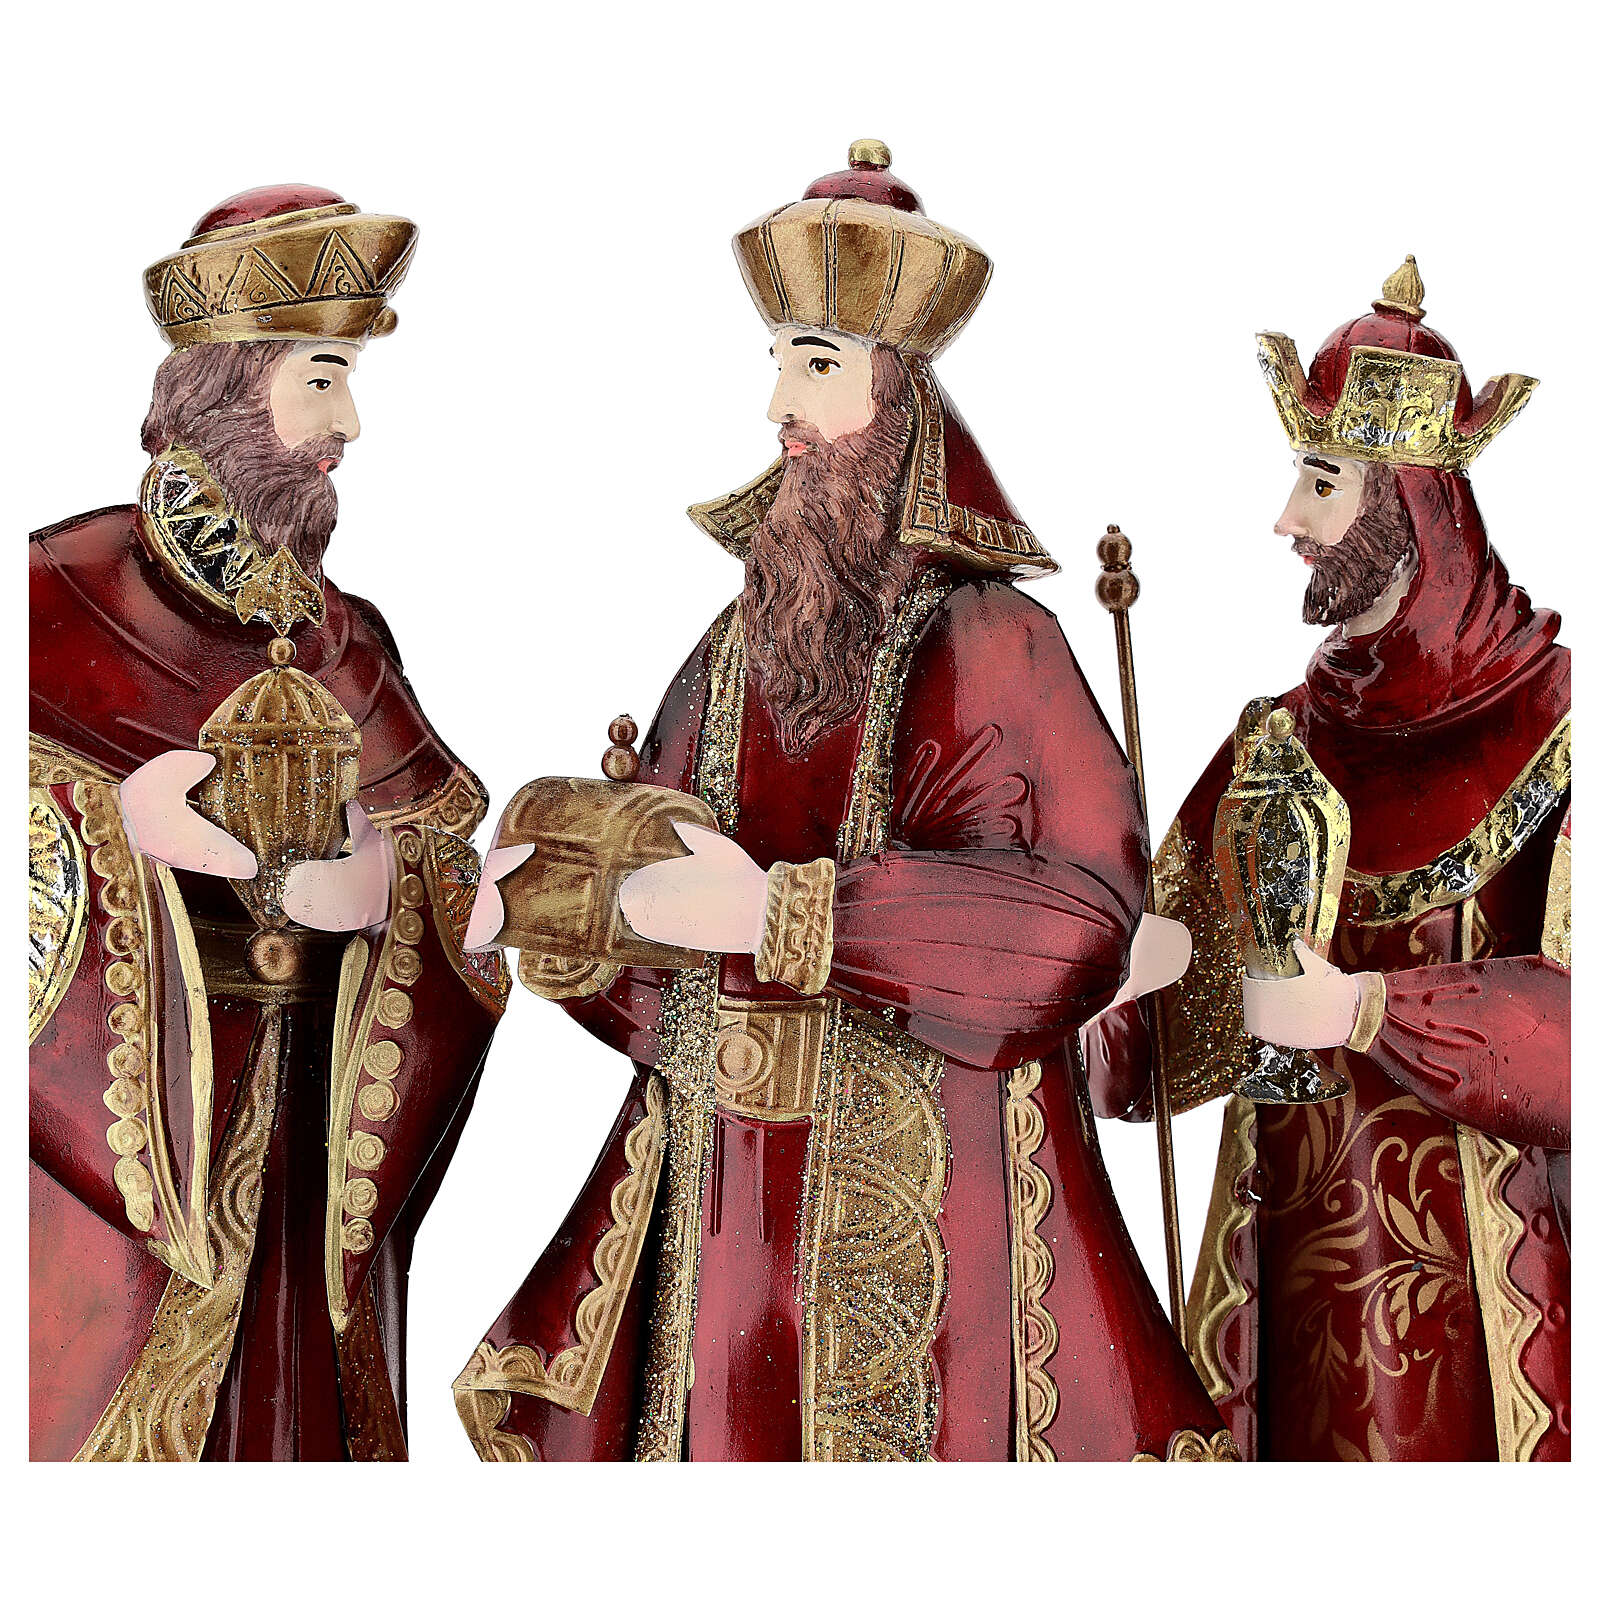 Natività 5 statue rosso oro metallo h 44 cm 4